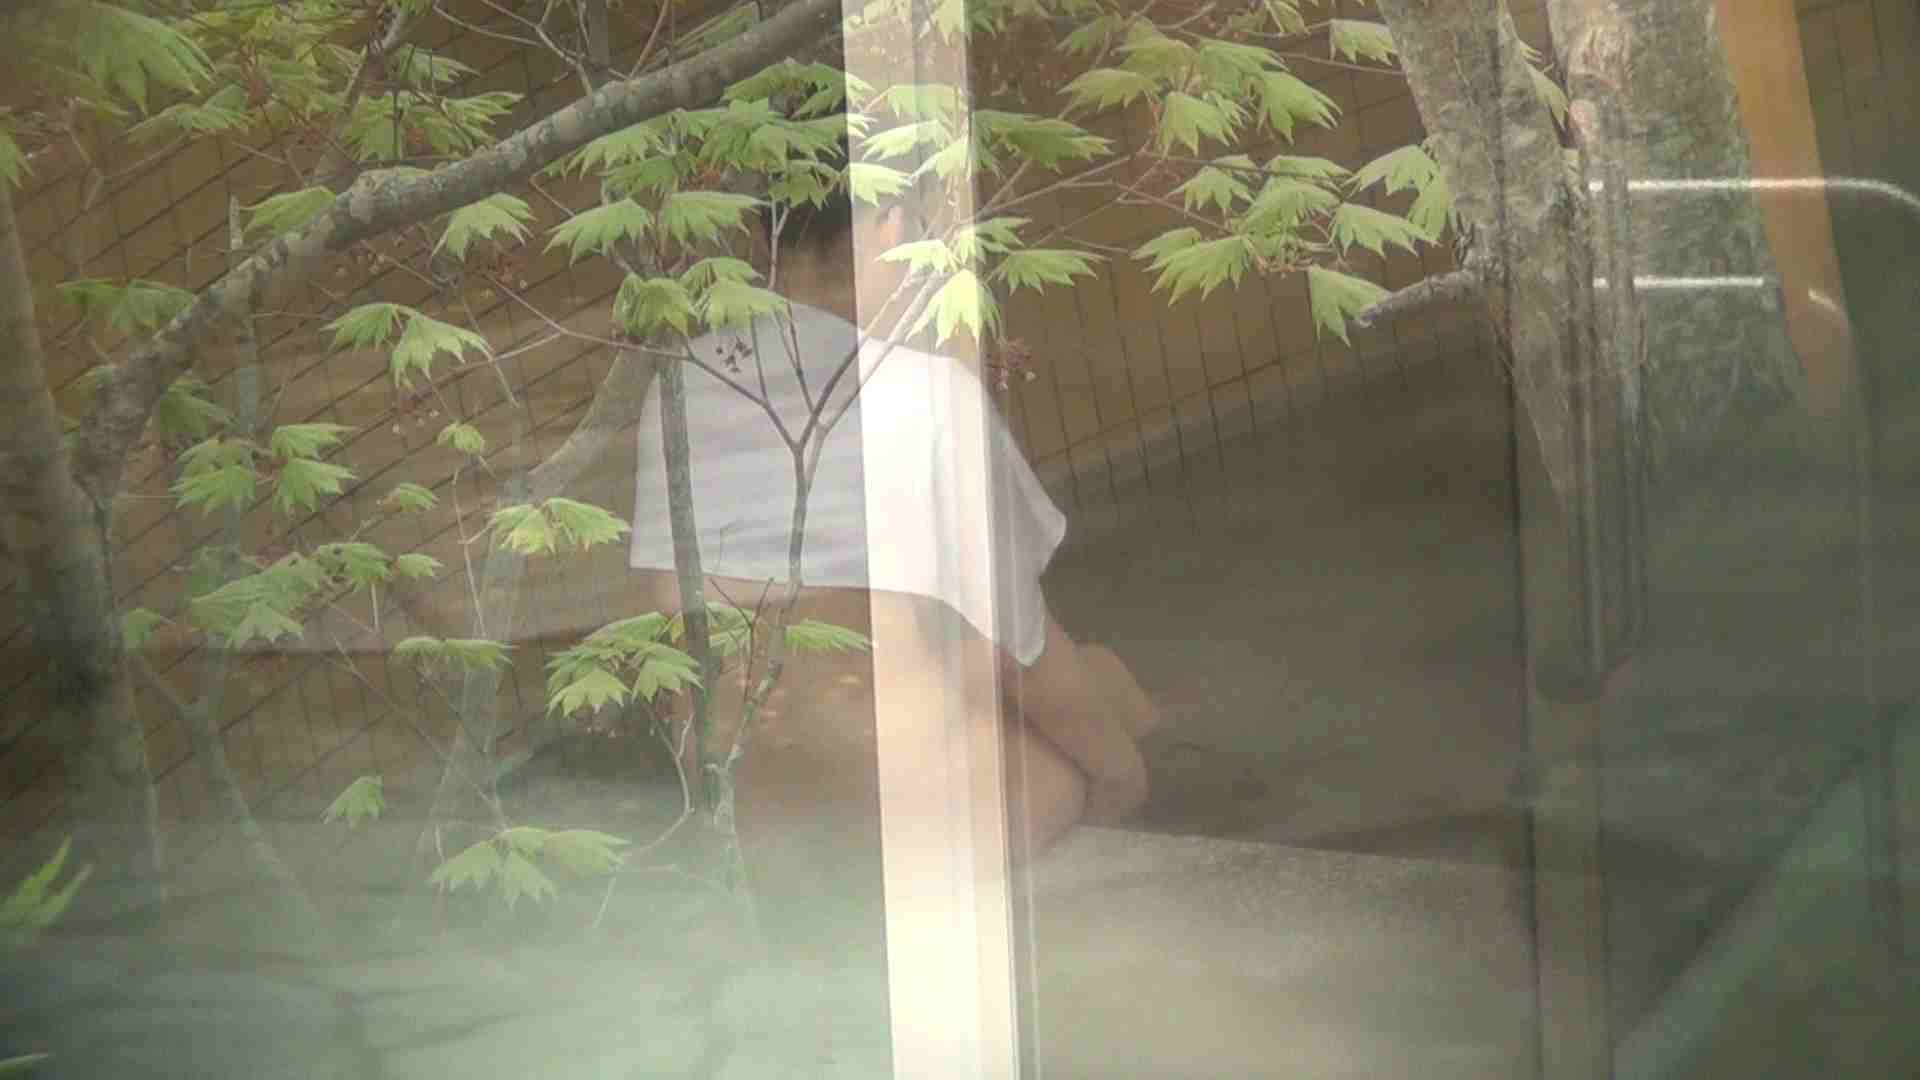 Aquaな露天風呂Vol.237 OLエロ画像 のぞきエロ無料画像 70PICs 68